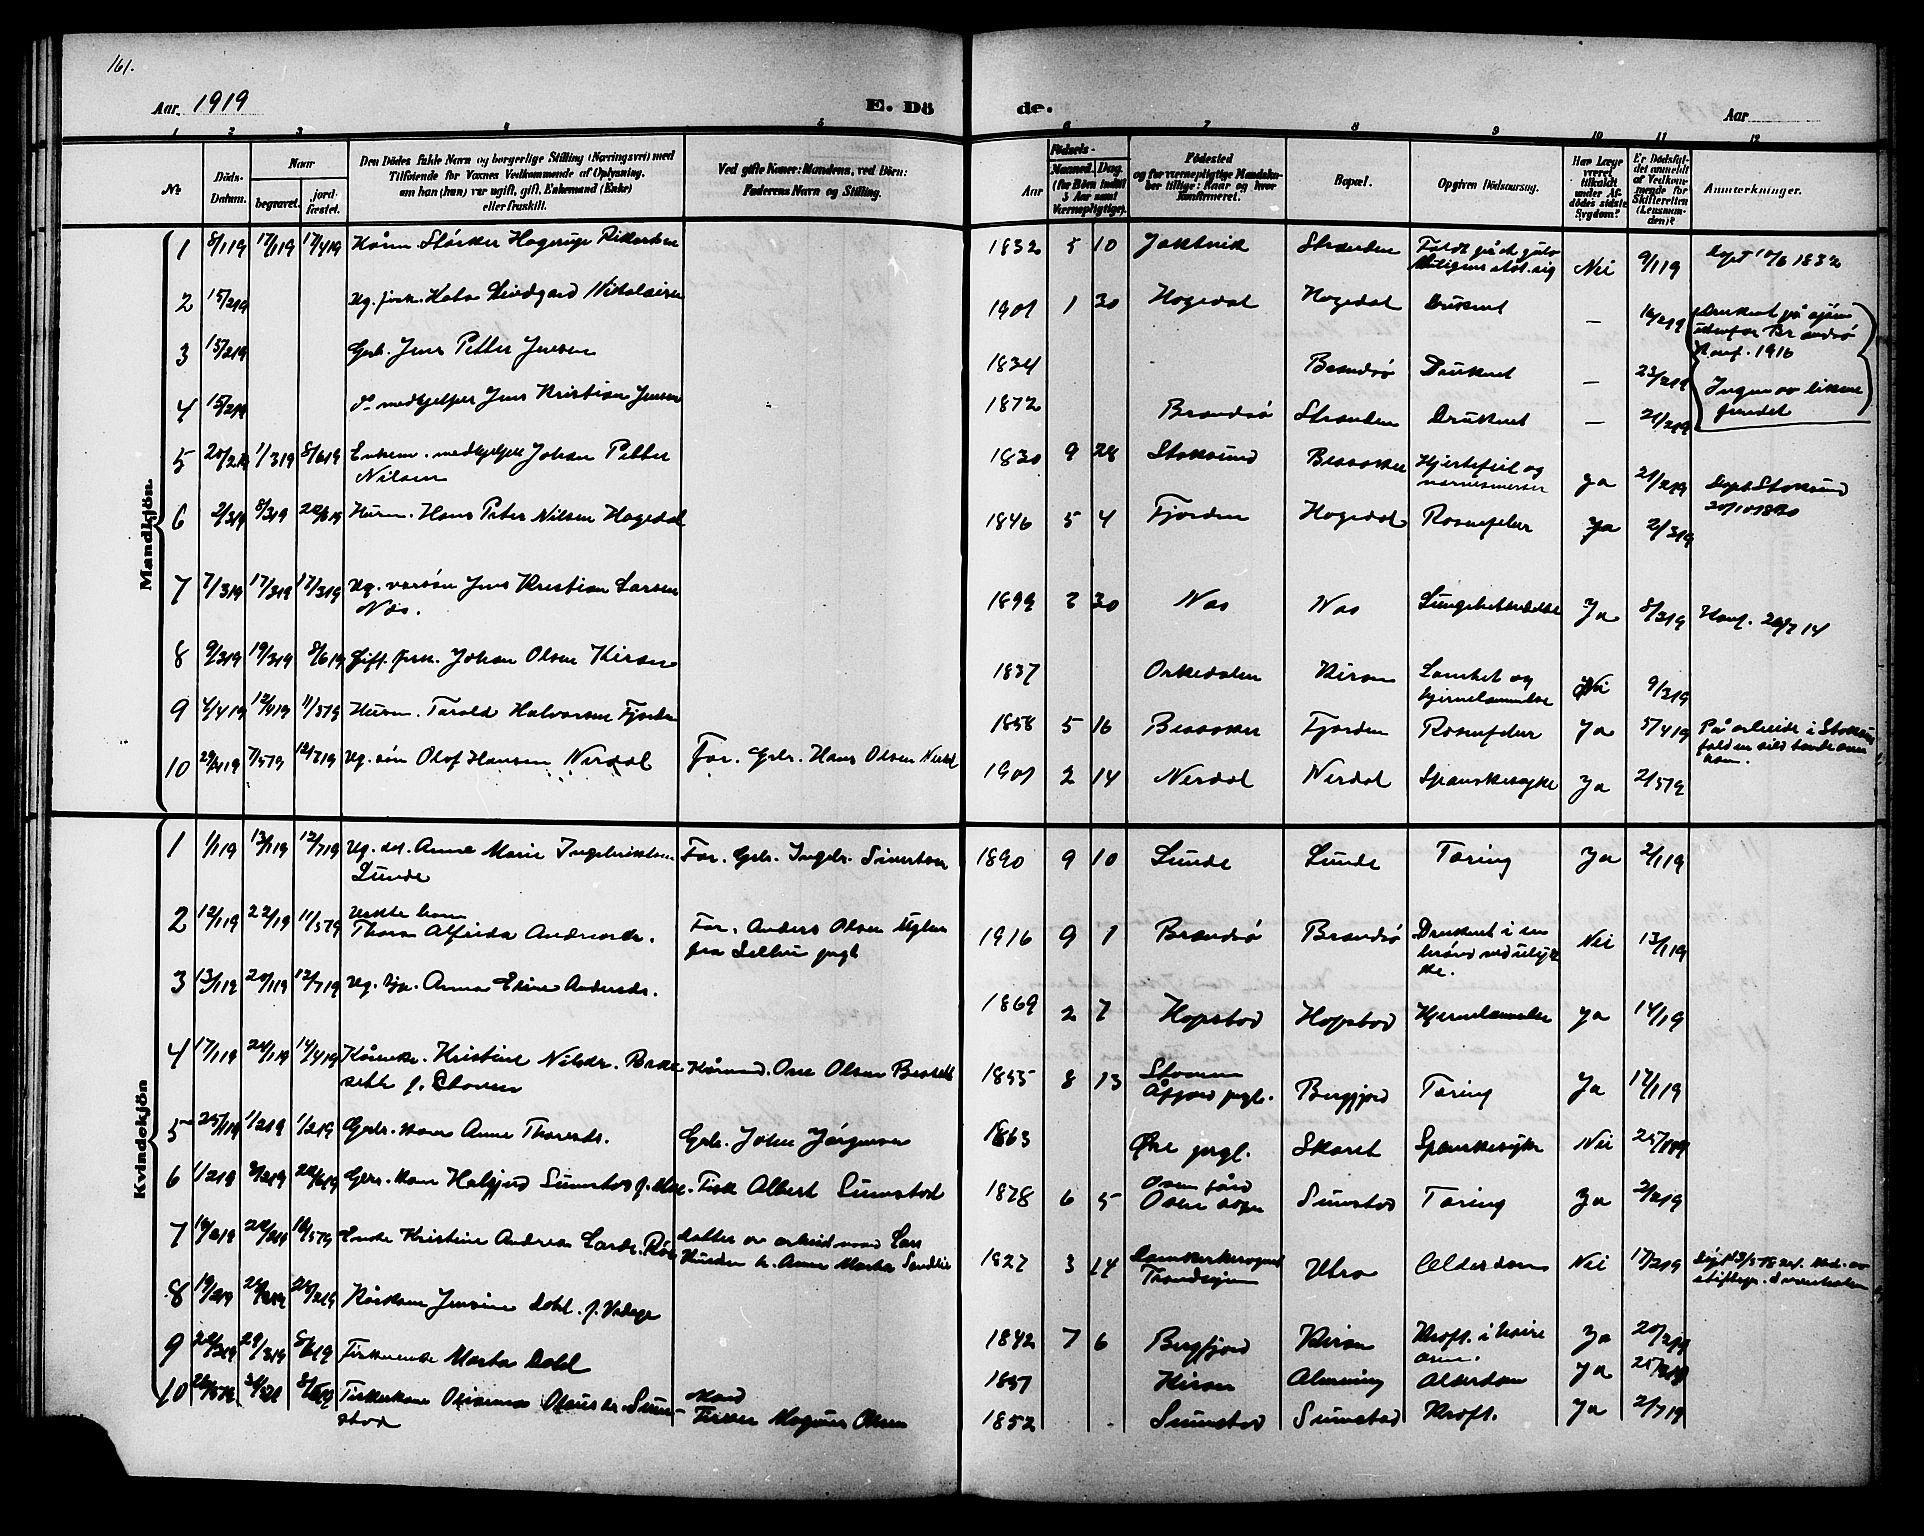 SAT, Ministerialprotokoller, klokkerbøker og fødselsregistre - Sør-Trøndelag, 657/L0717: Klokkerbok nr. 657C04, 1904-1923, s. 161